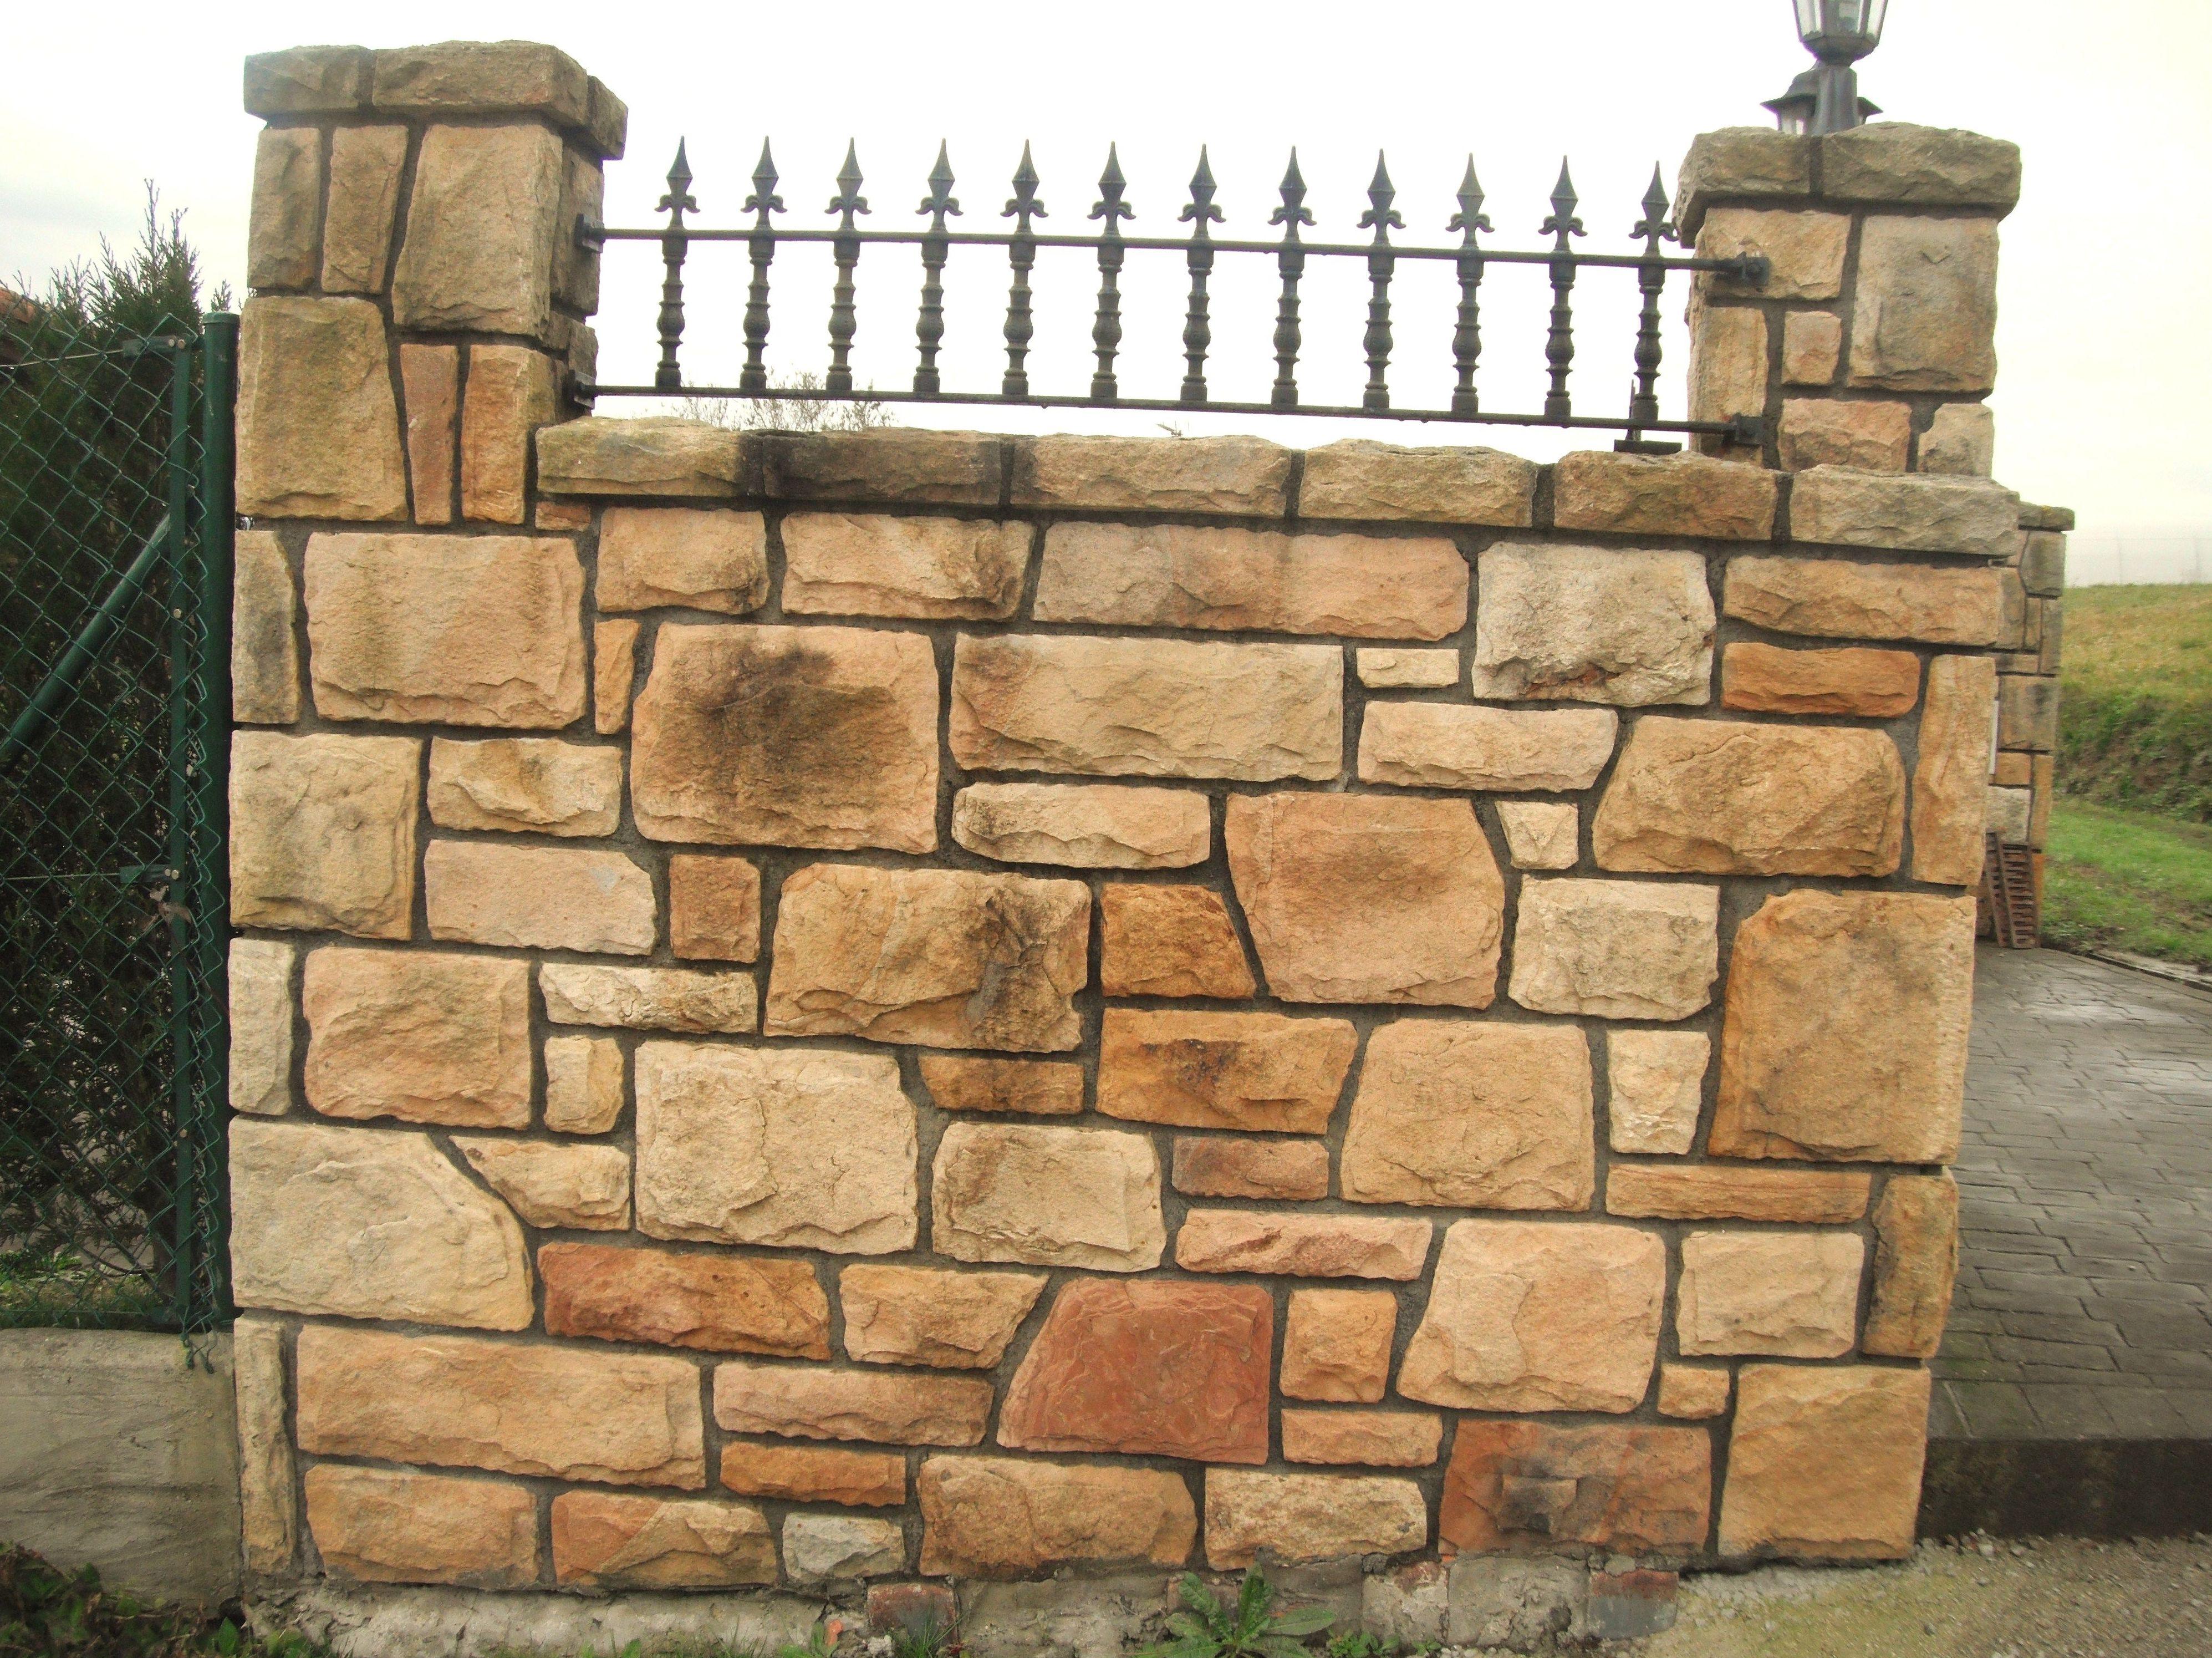 Muros de piedra natural interesting chapados y muros - Muros de piedra natural ...